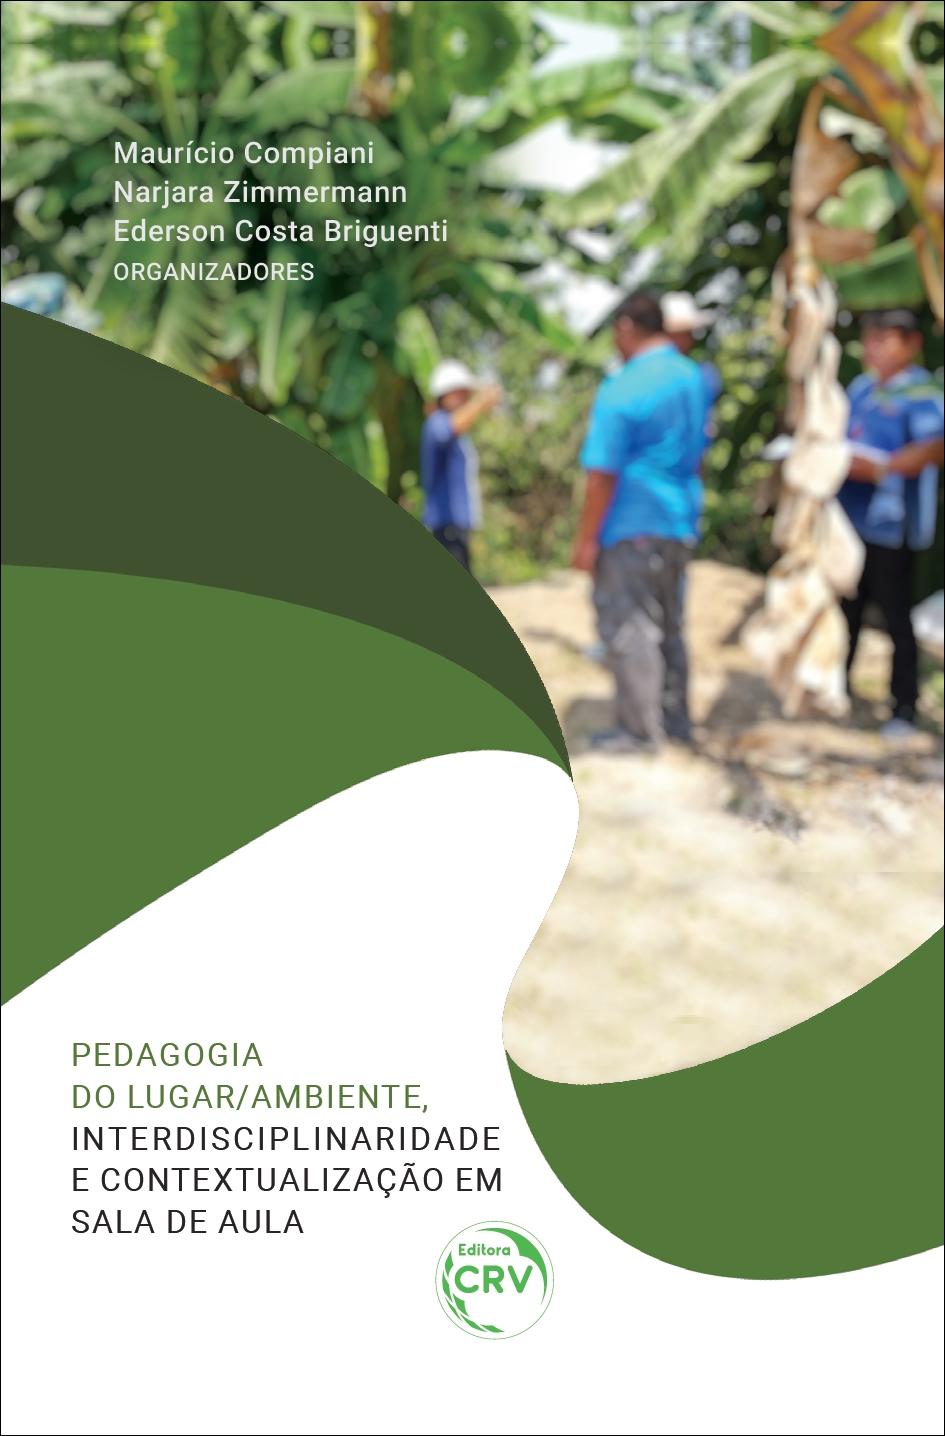 Capa do livro: PEDAGOGIA DO LUGAR/AMBIENTE, INTERDISCIPLINARIDADE E CONTEXTUALIZAÇÃO EM SALA DE AULA